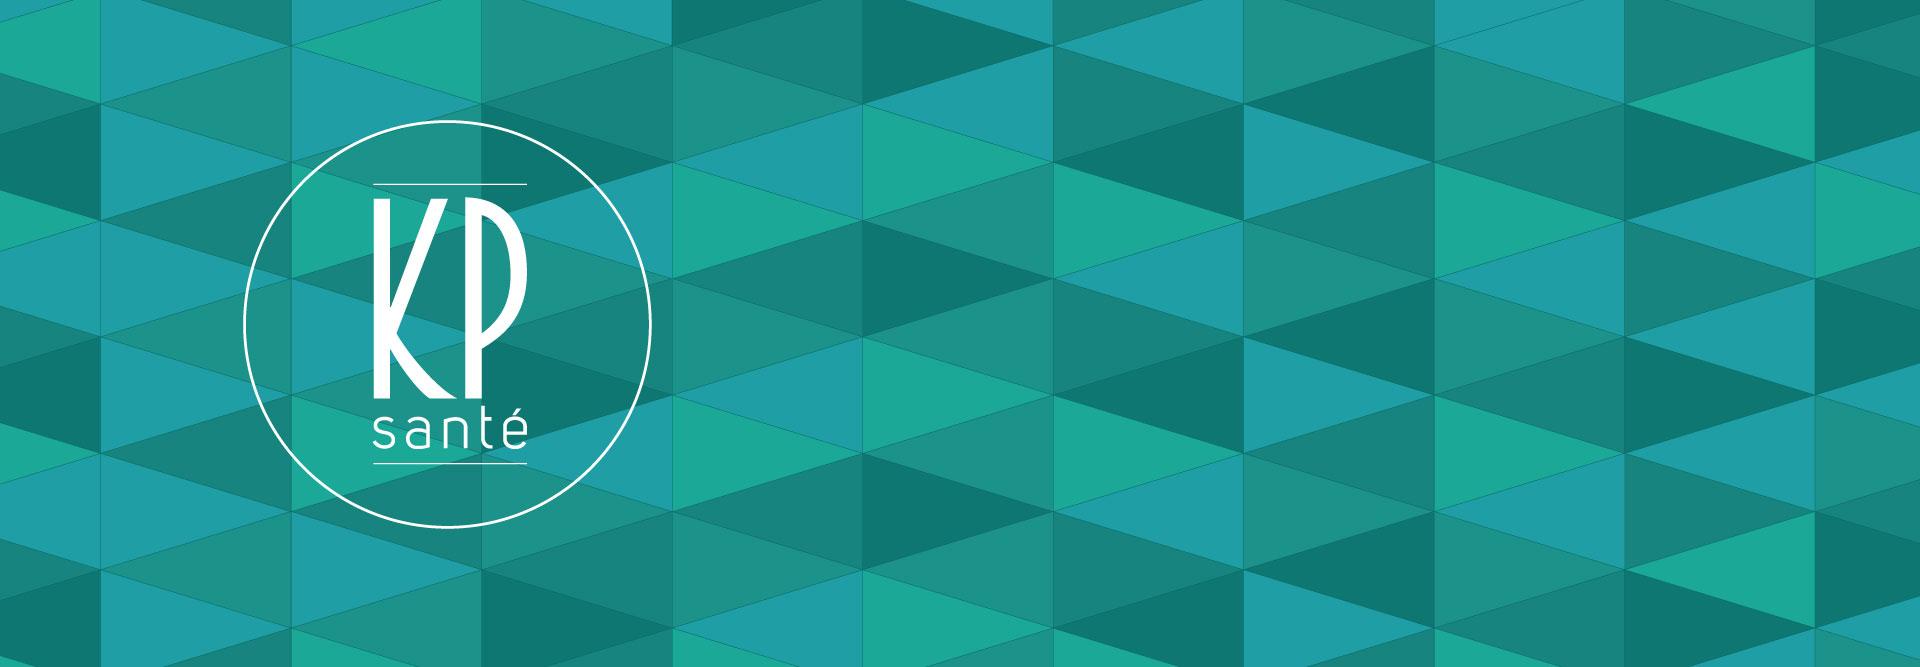 KRONOMED.COM DEVIENT KPSANTE.FR : Un nouveau site pour une nouvelle équipe